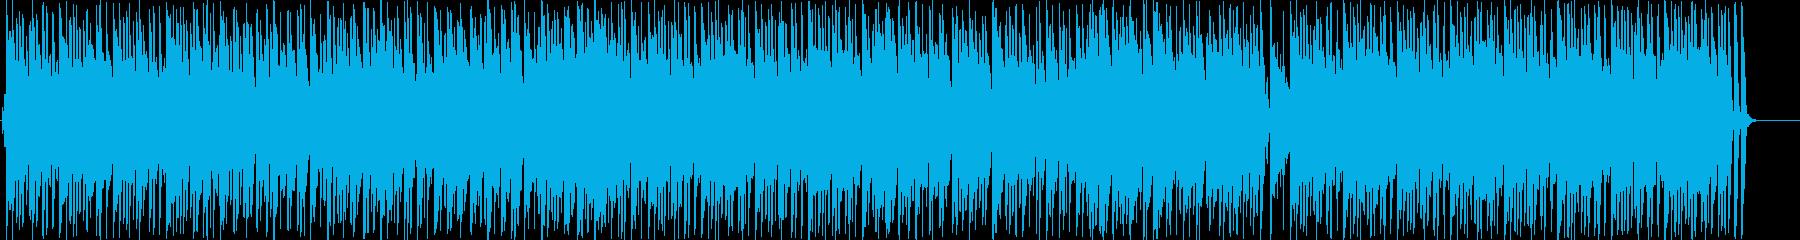 おしゃれな雰囲気のボサノバの再生済みの波形